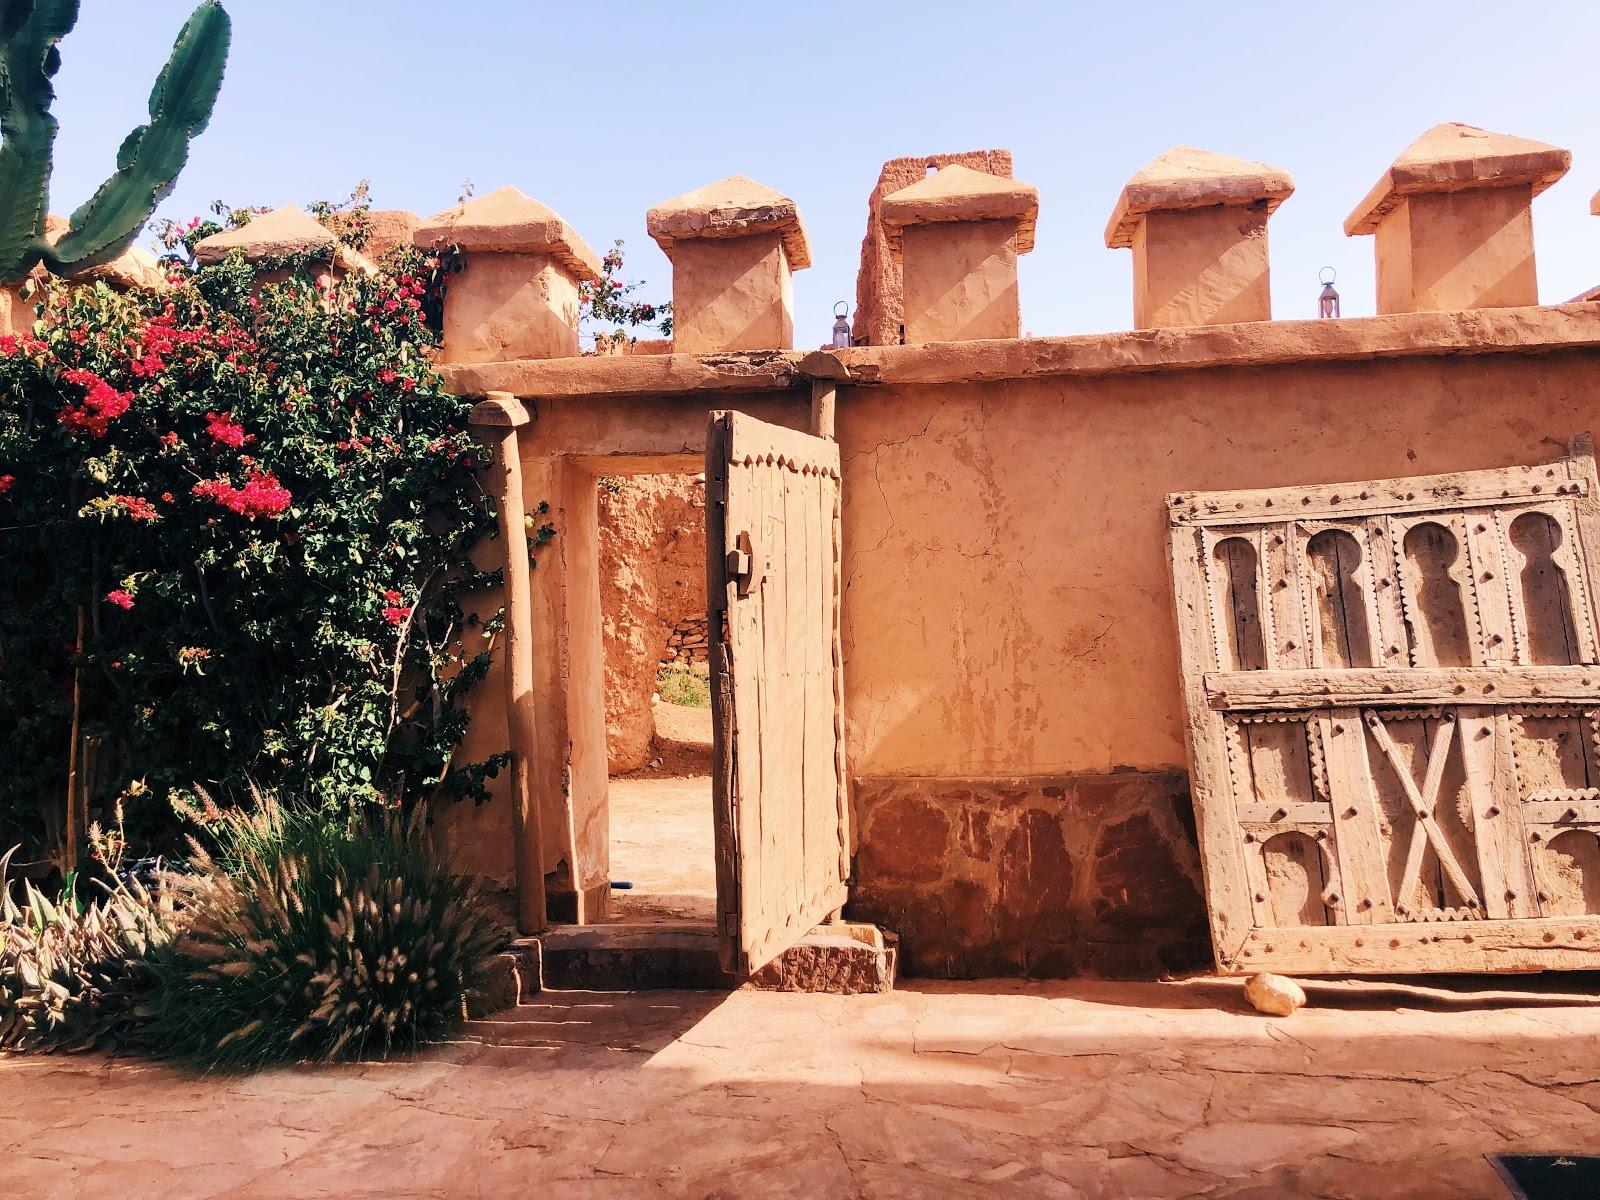 traveler-review-morocco-vacation-haley-garden.jpg